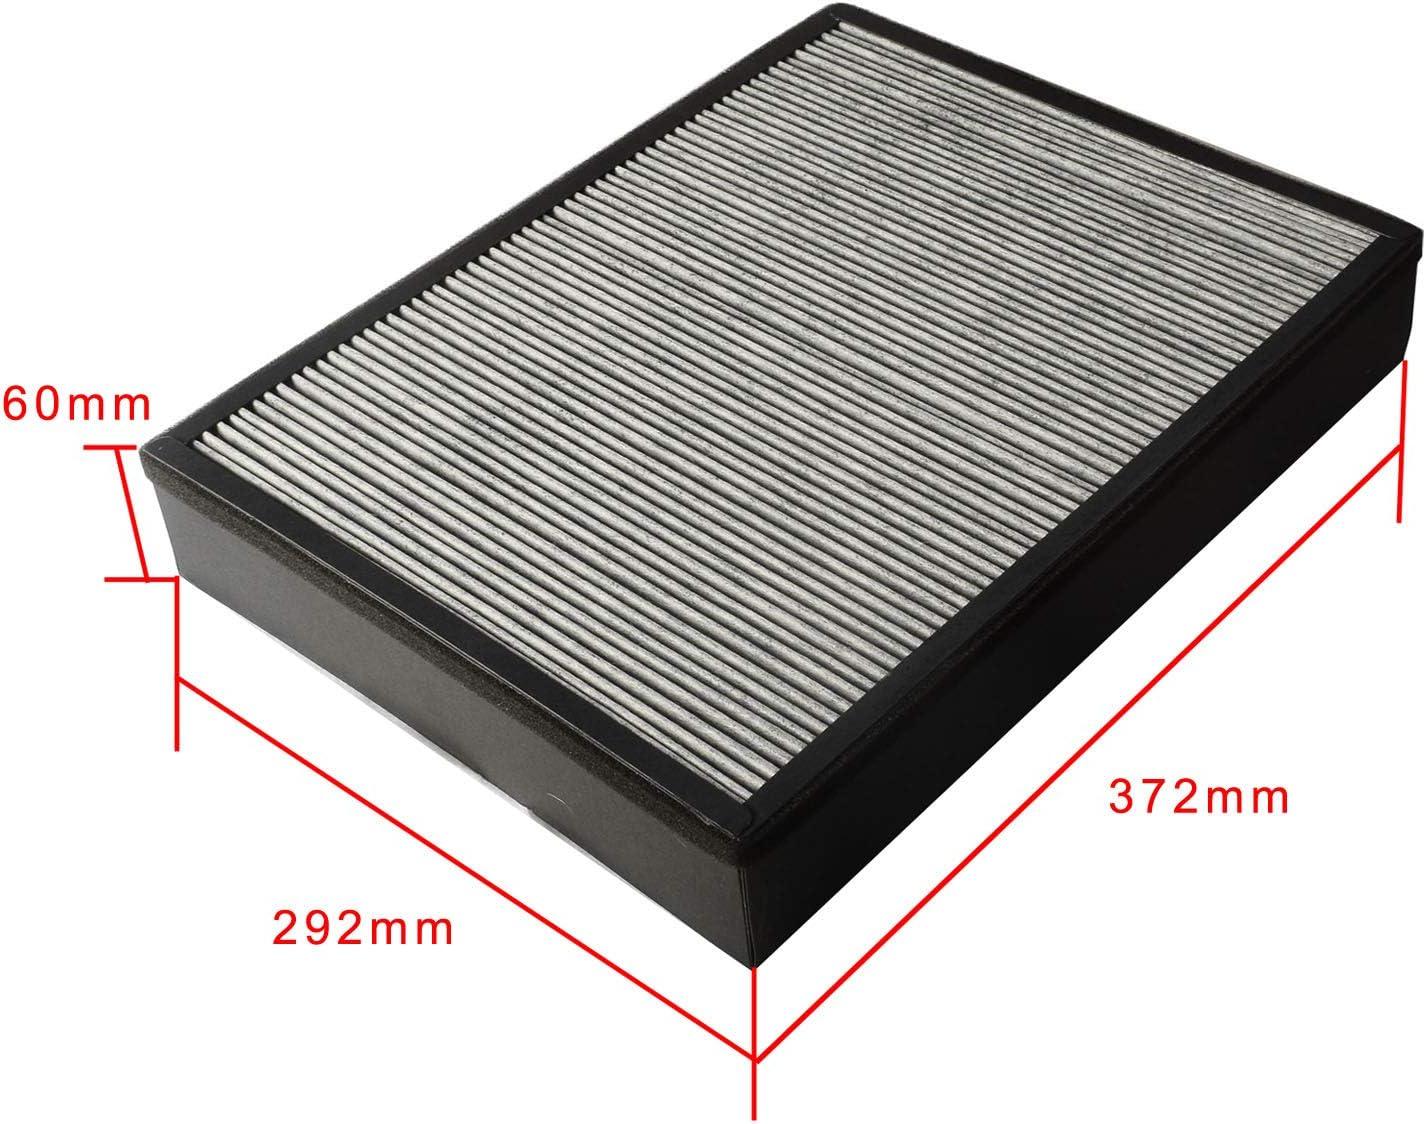 KR-NET FY3432 FY3433 FY3137 Filtro de carbón Activo 2 en 1 de ...